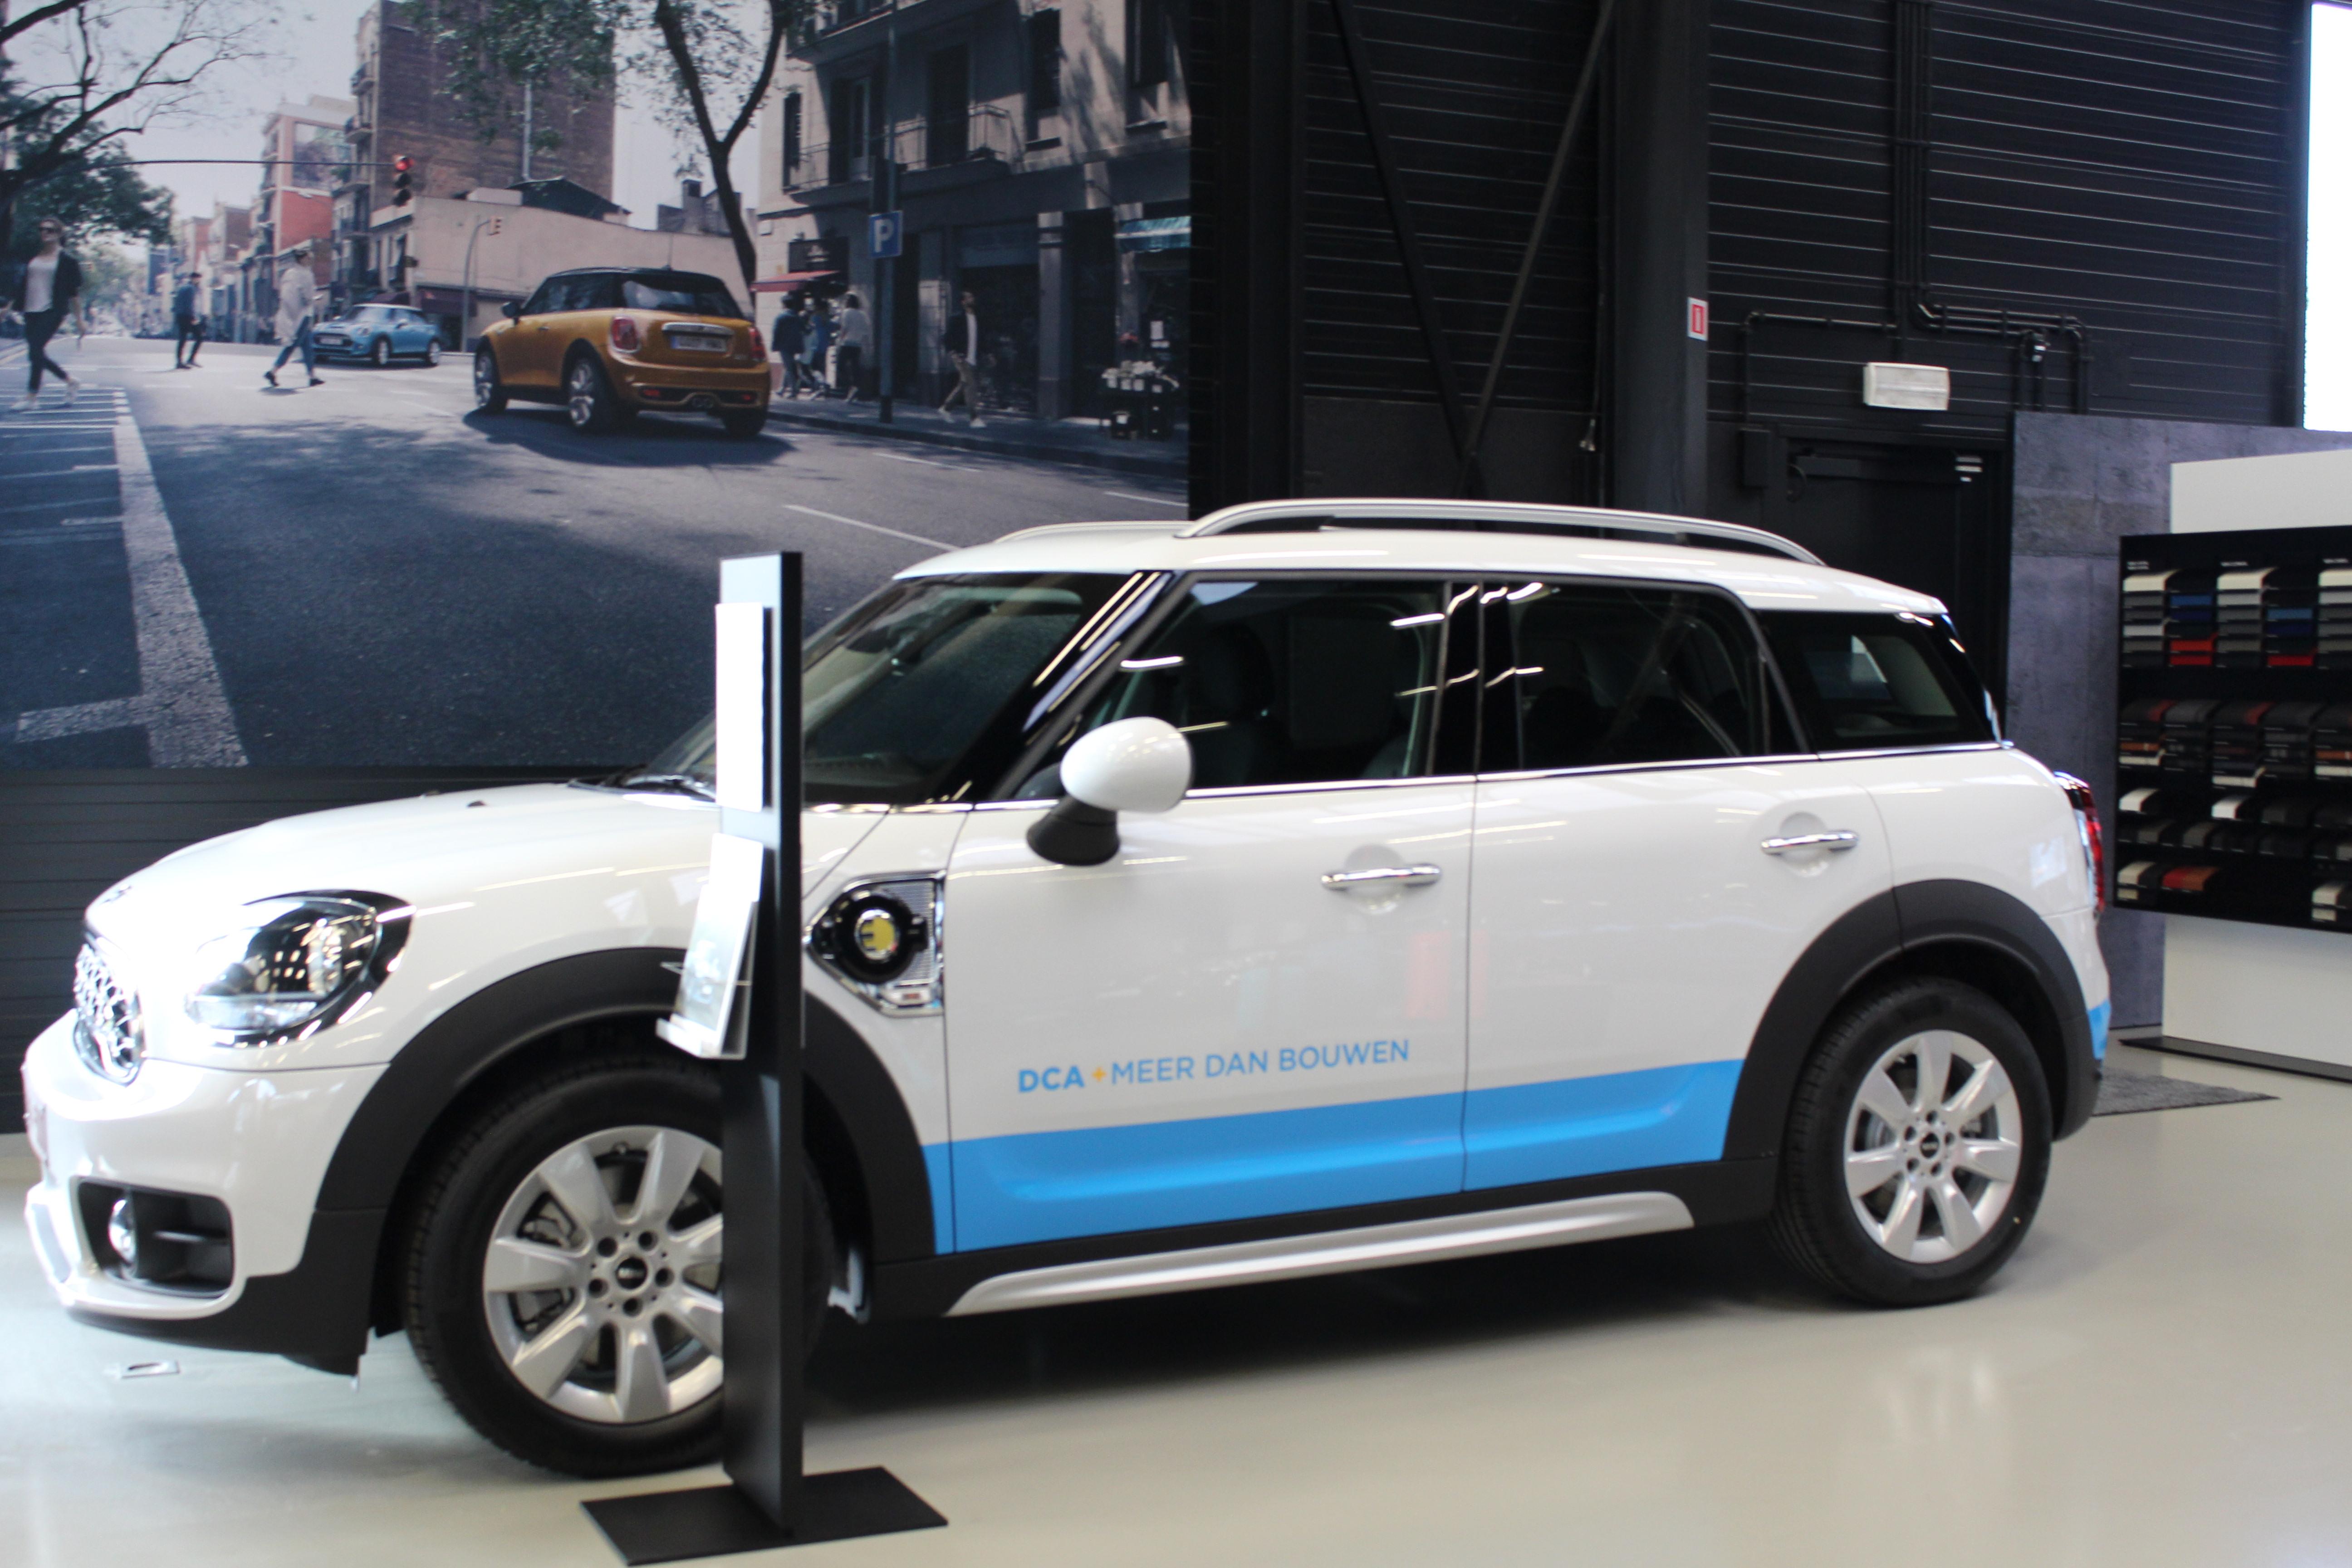 Kempens Bouwbedrijf Dca Investeert 575 000 Euro In Hybride Wagenpark